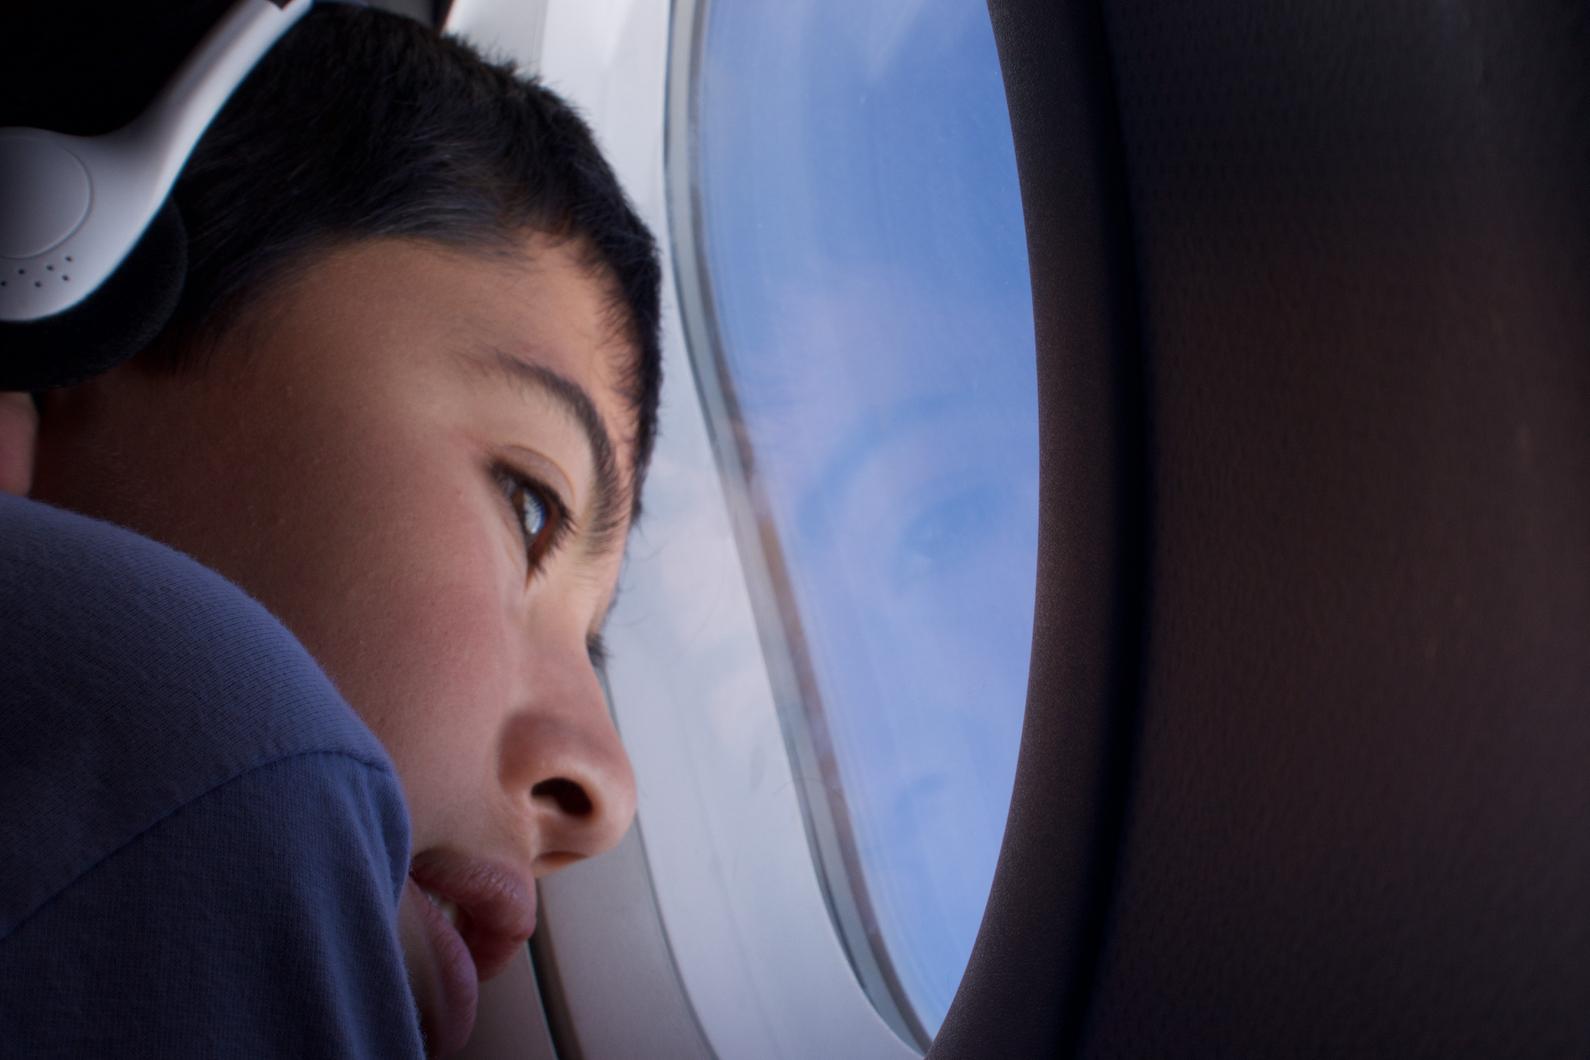 Südamerikanischer Blick aus dem Flugzeugfenster